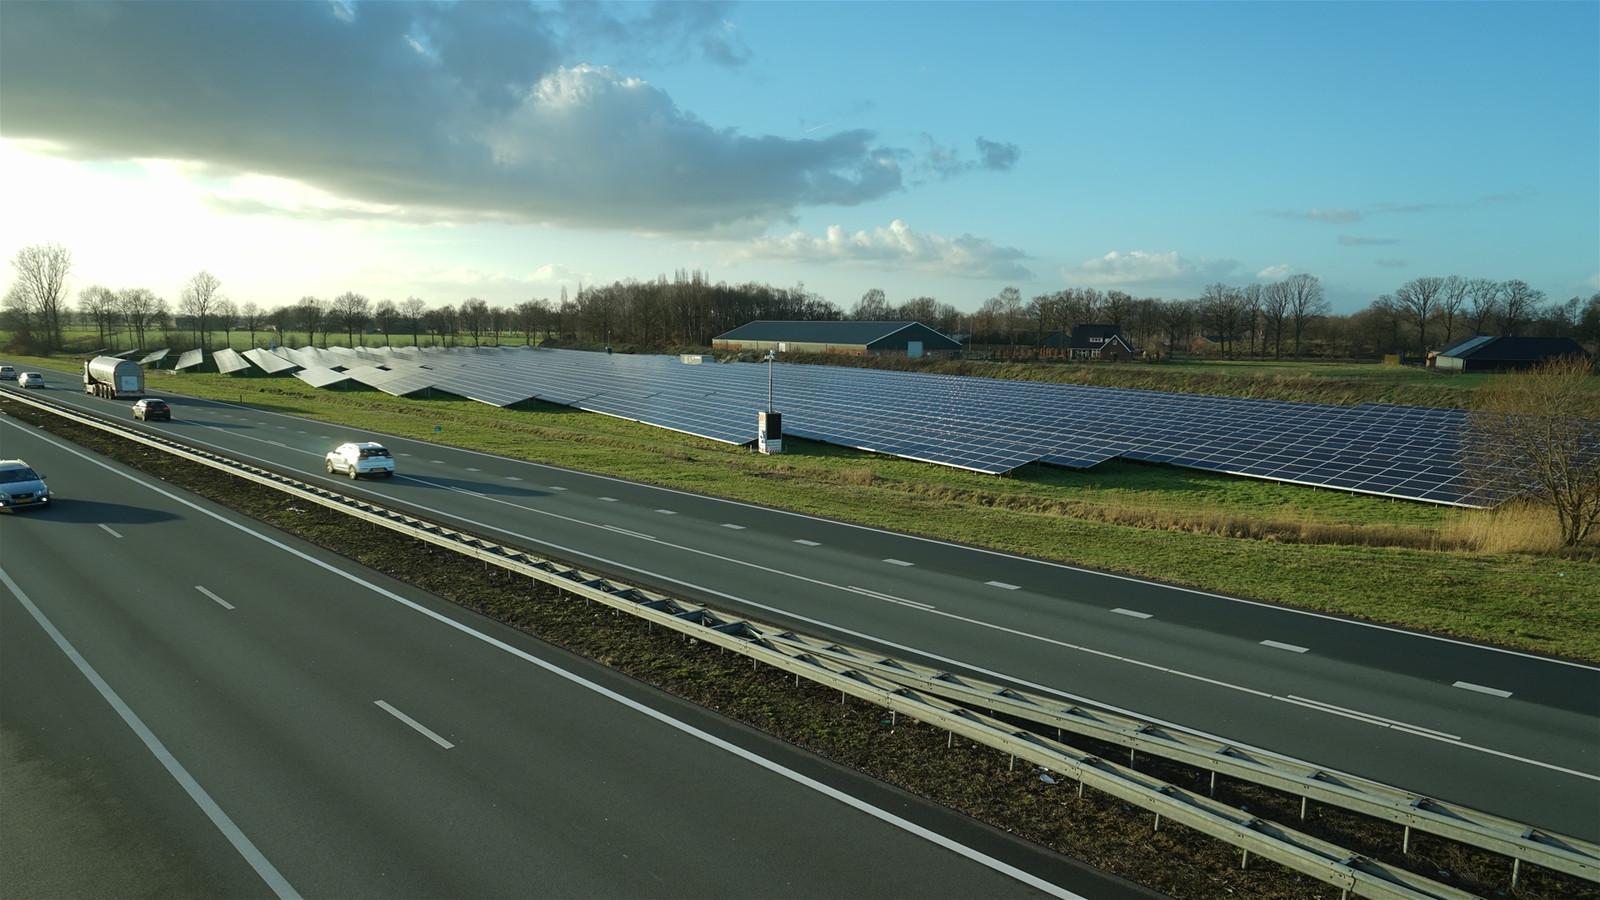 Een zonnepanelenveld langs de A50 bij Veghel.